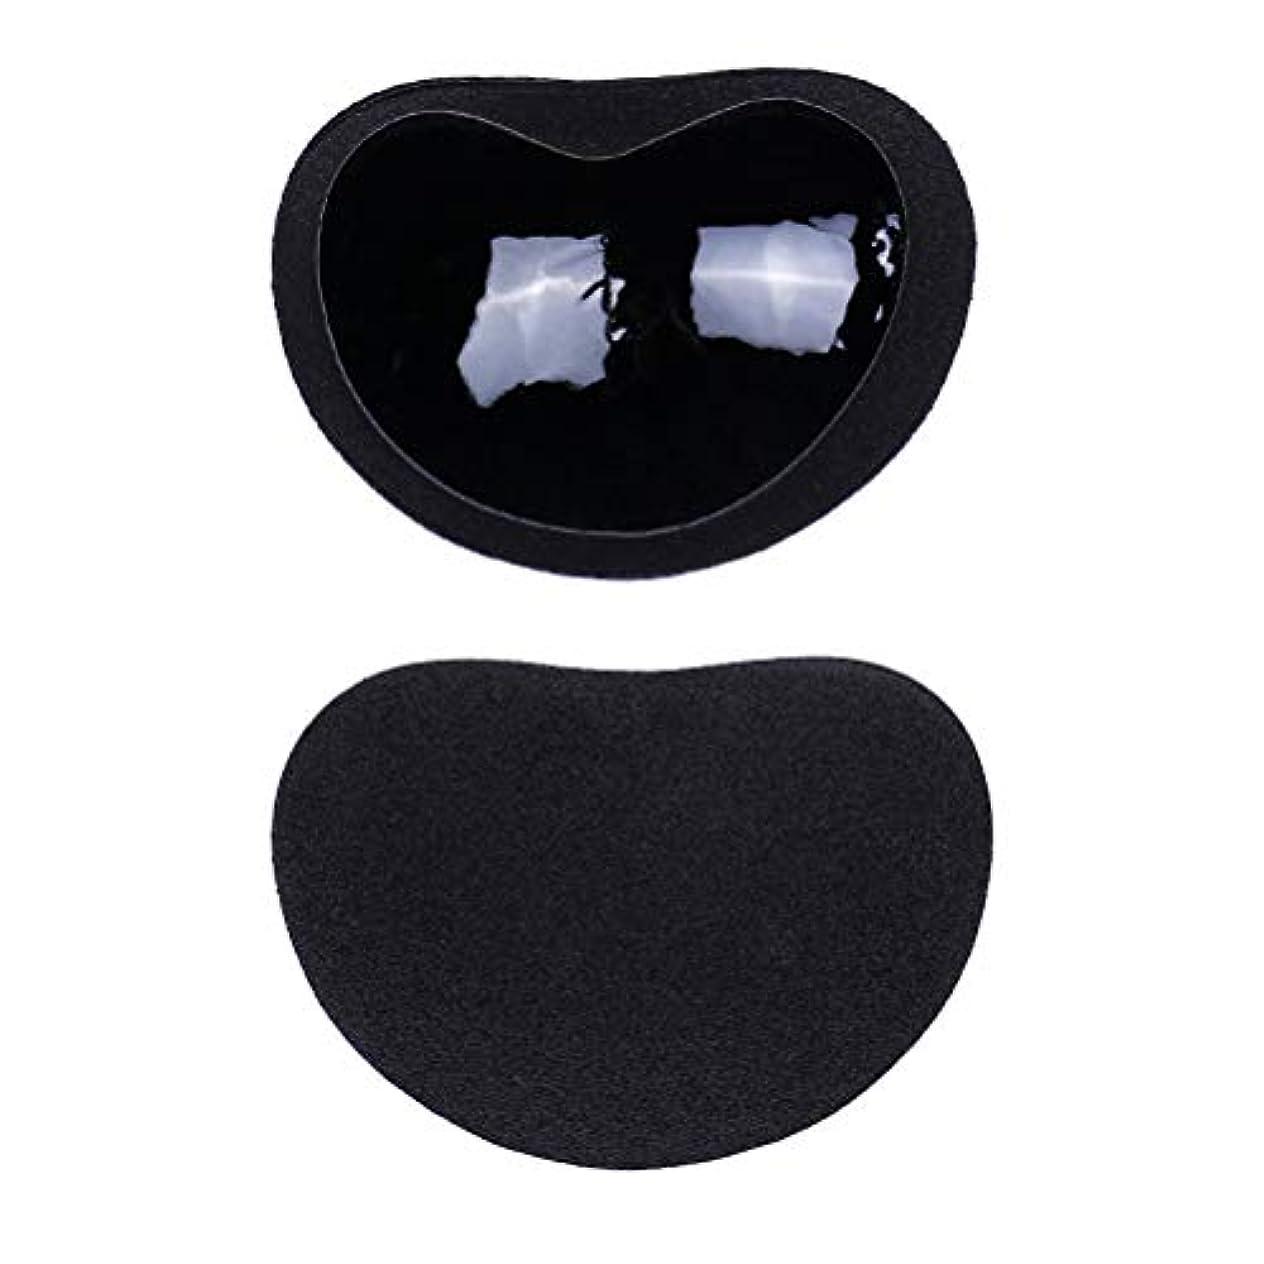 Healifty ニップルカバー1ペアストラップレス粘着性のある粘着性のあるブラのシリコーンのニップルは見えないブラニップルのコンシーラーのパティをカバーします(黒)